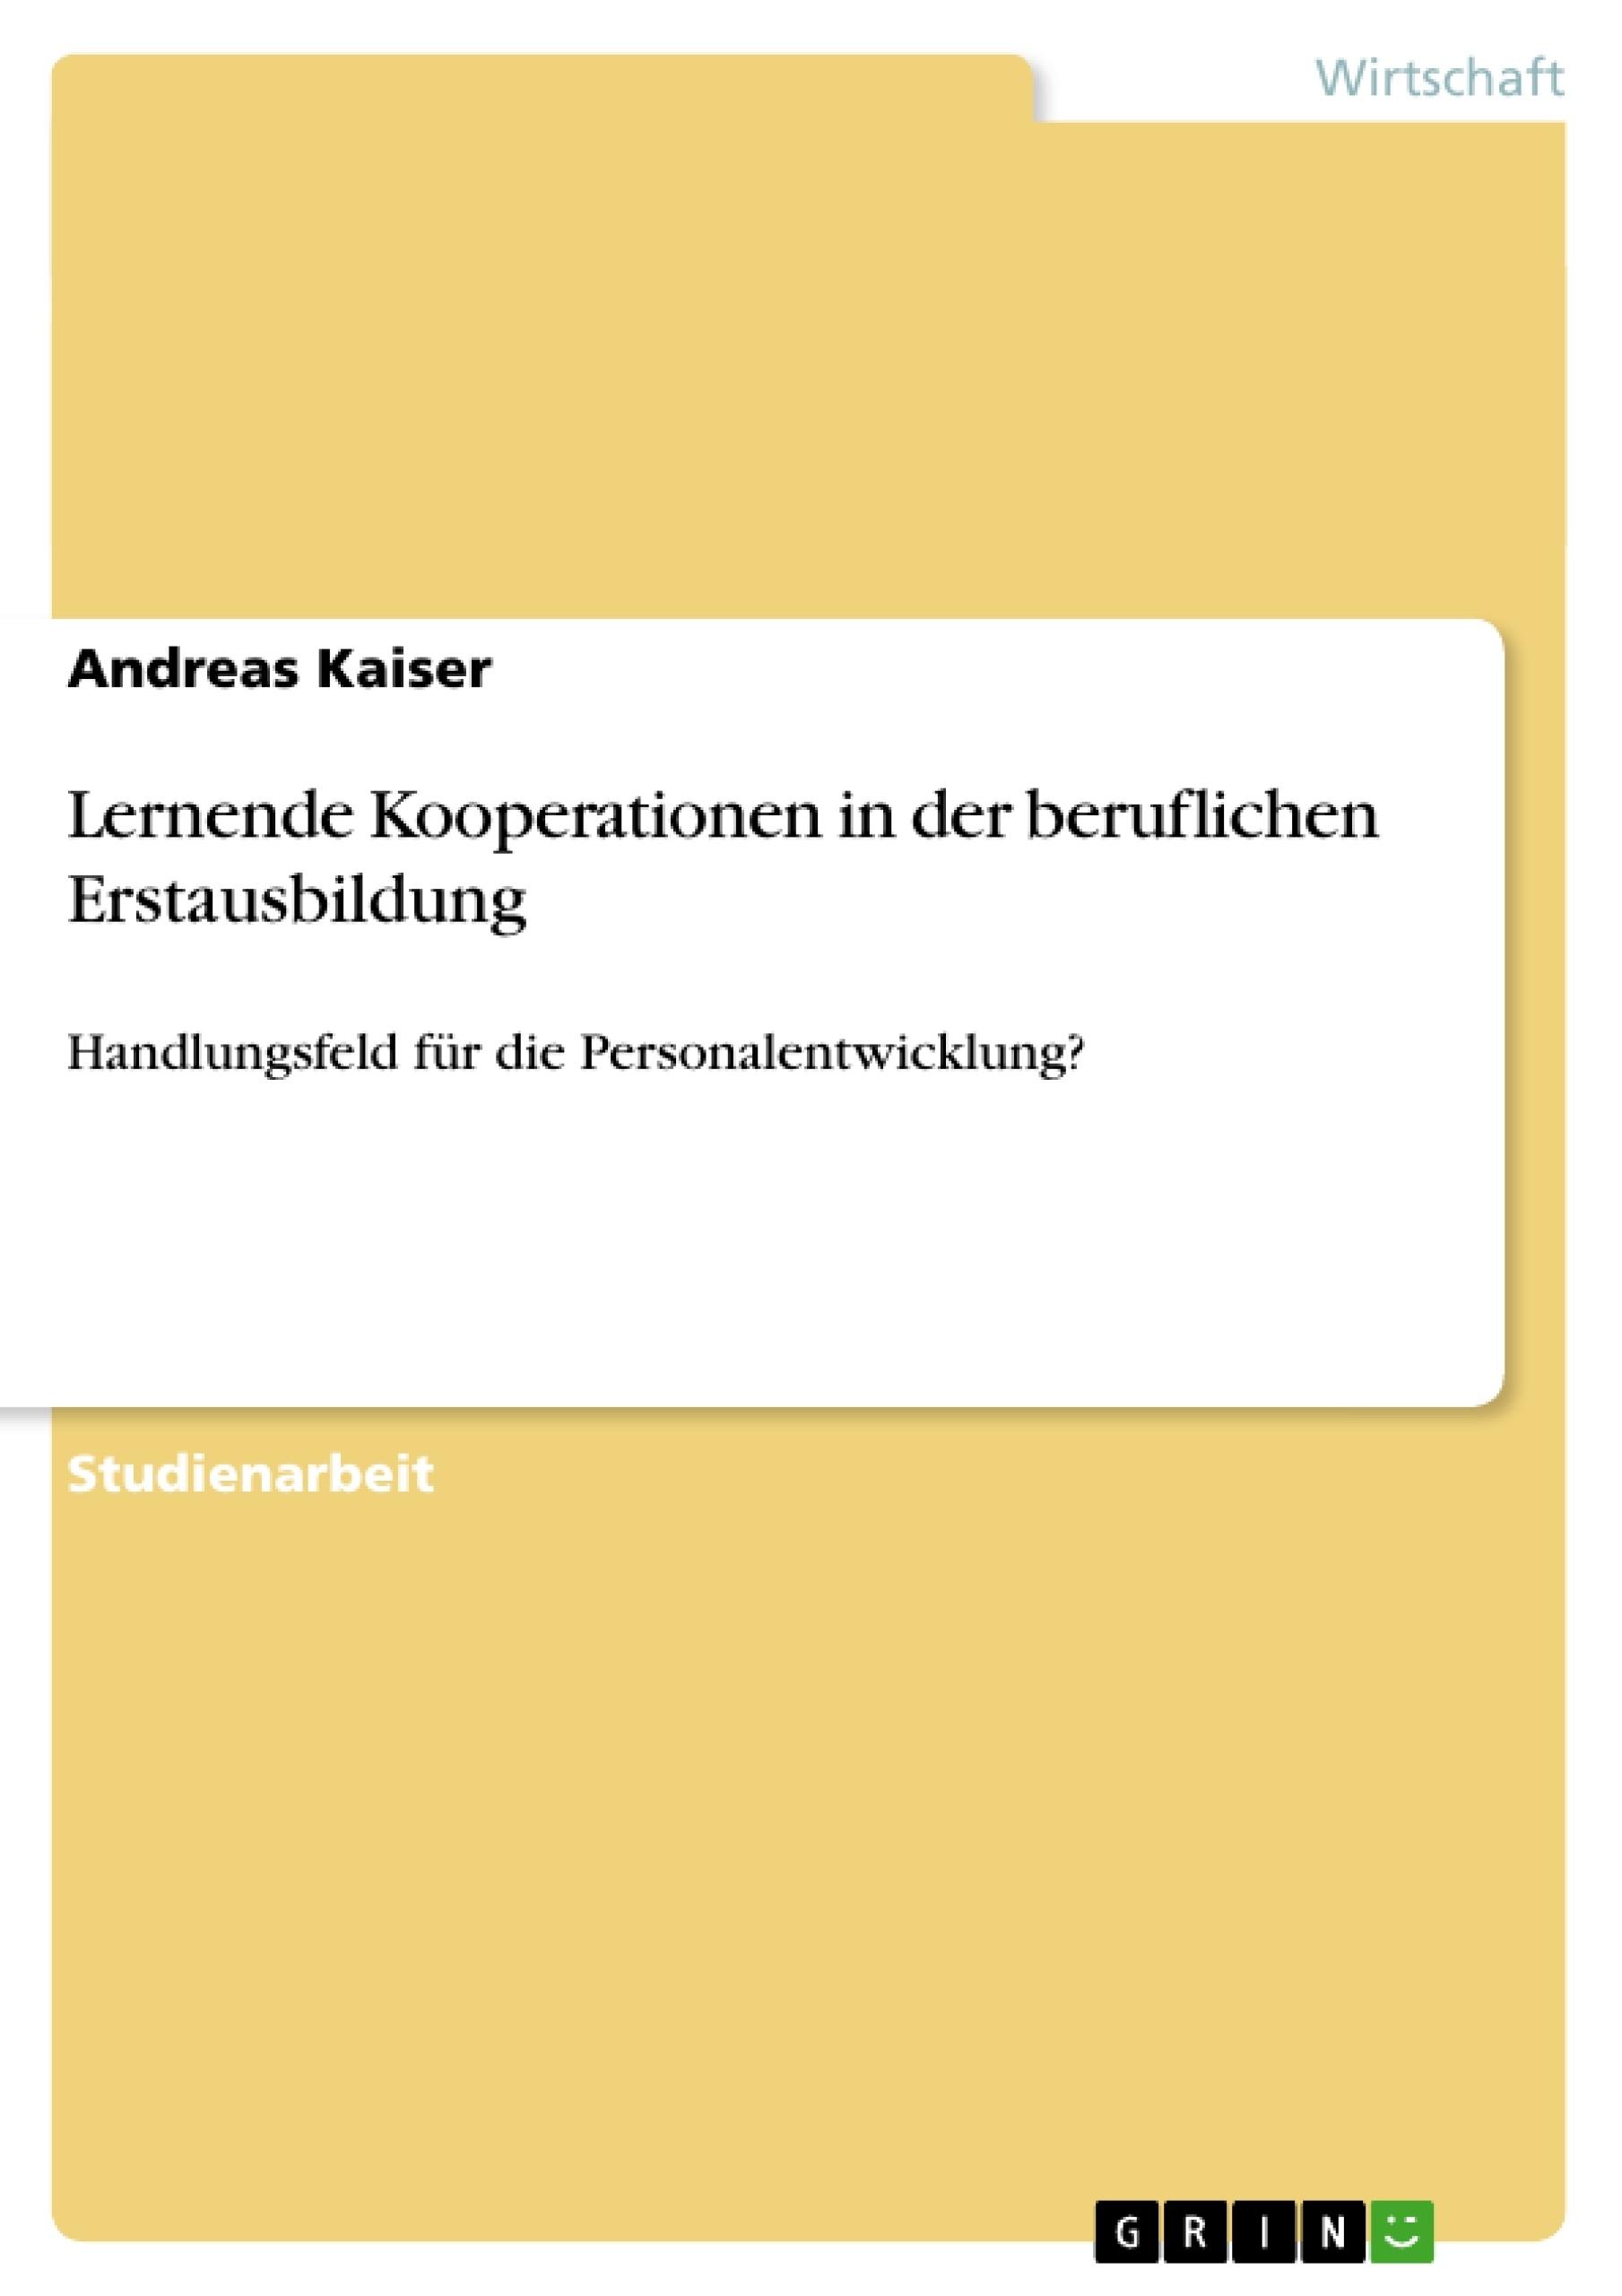 Titel: Lernende Kooperationen in der beruflichen Erstausbildung